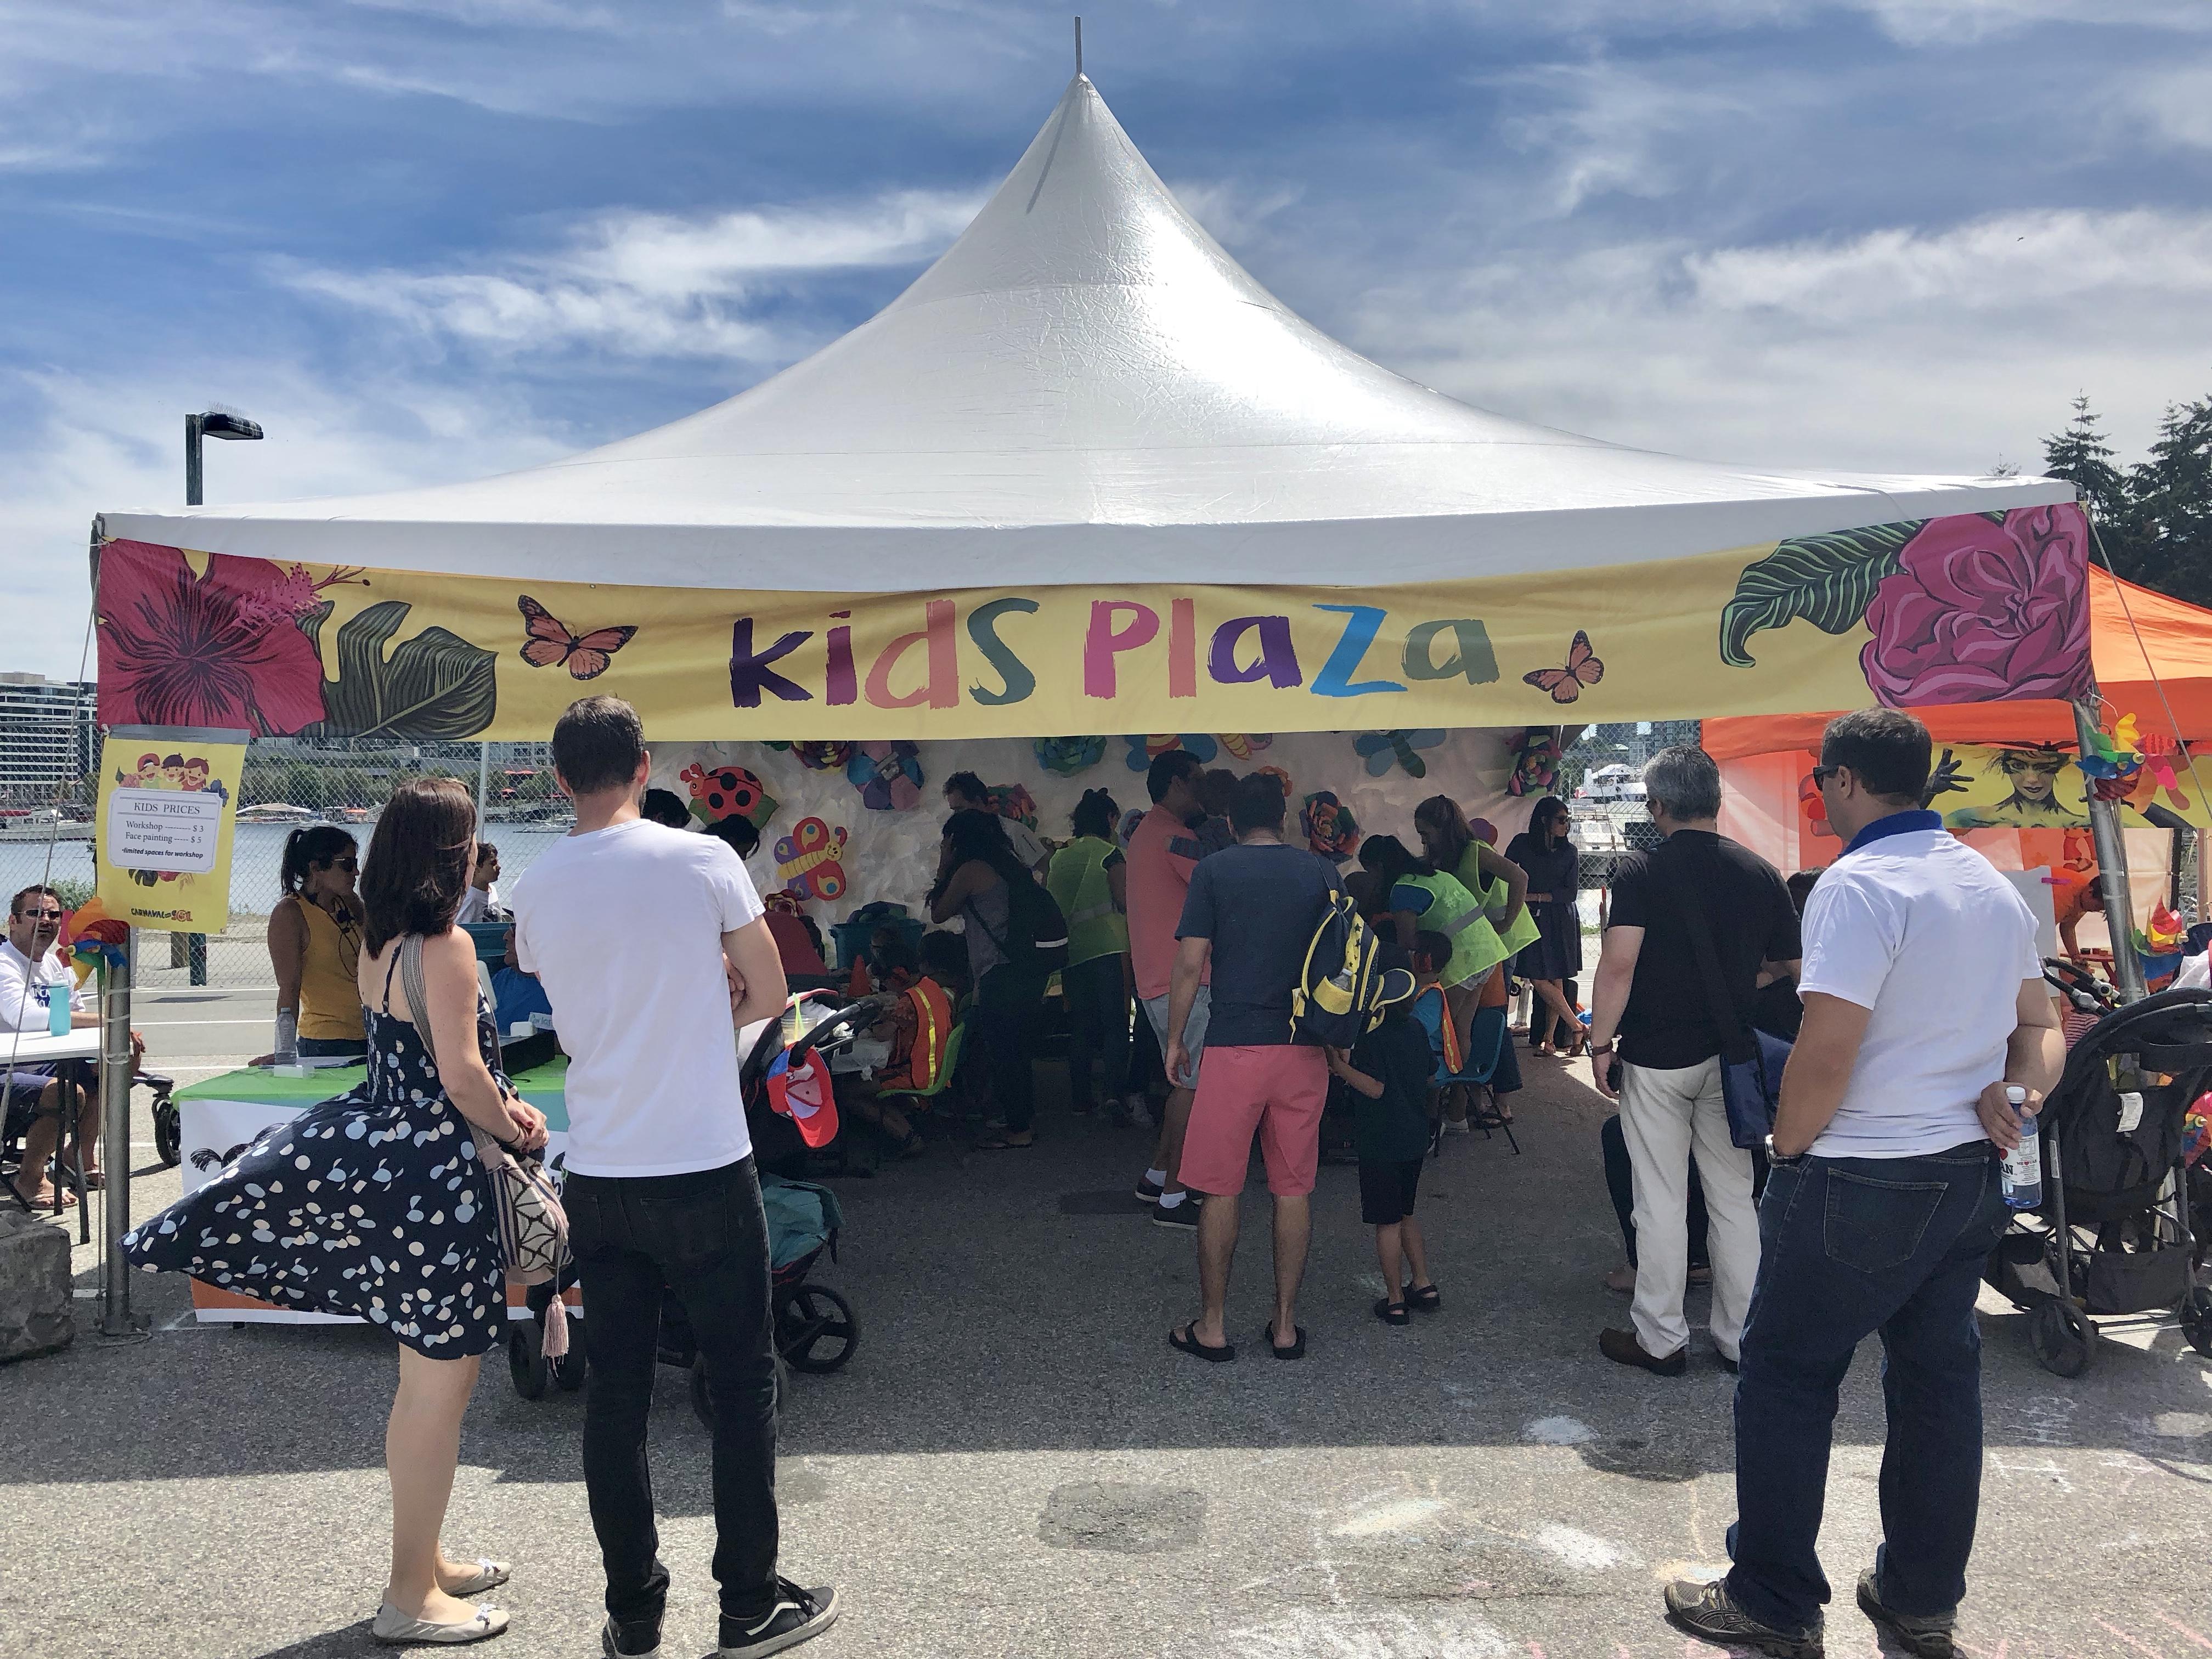 Kid's Plaza